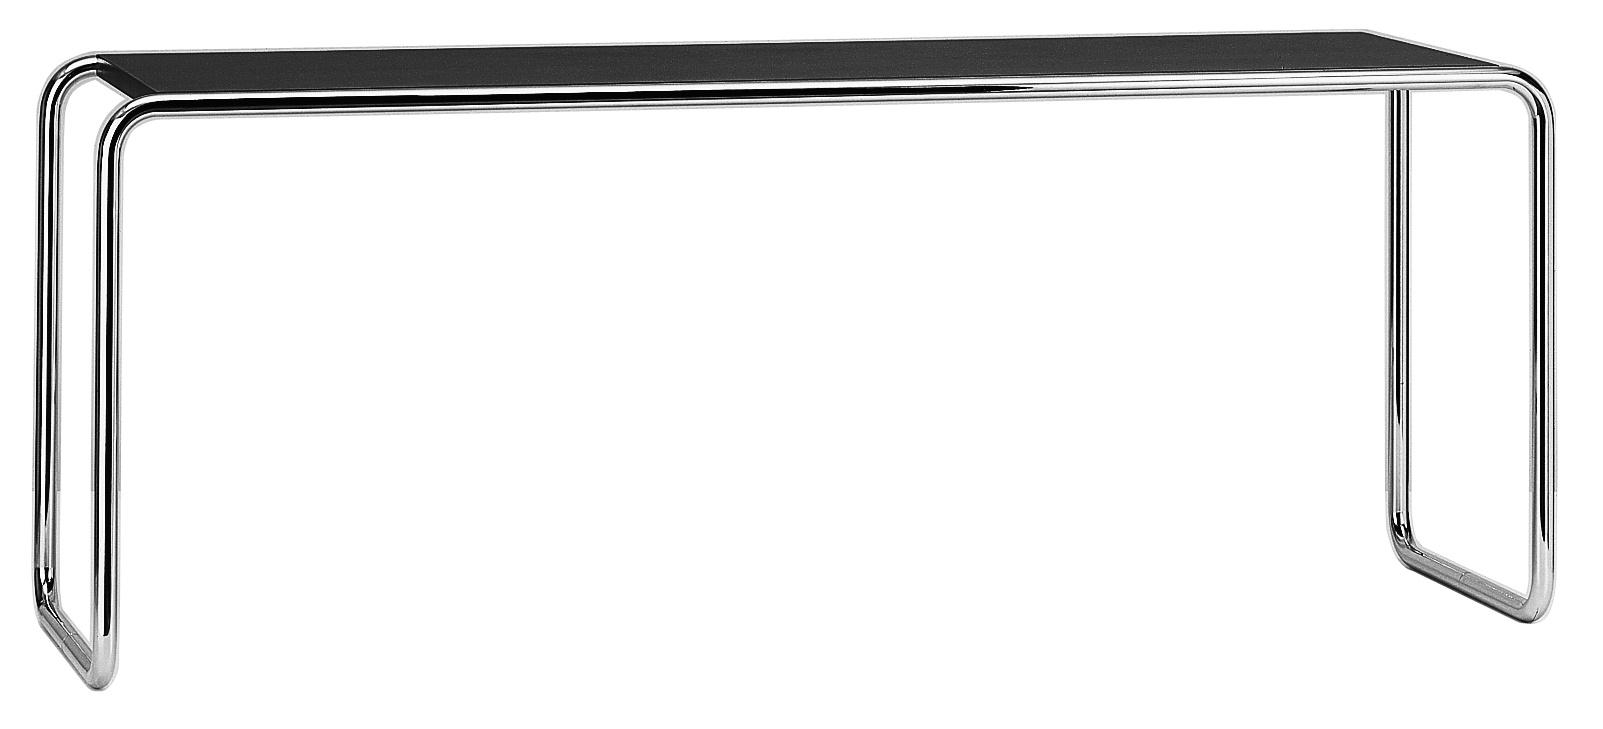 B 10 Stahlrohr Klassiker Beistelltisch Thonet